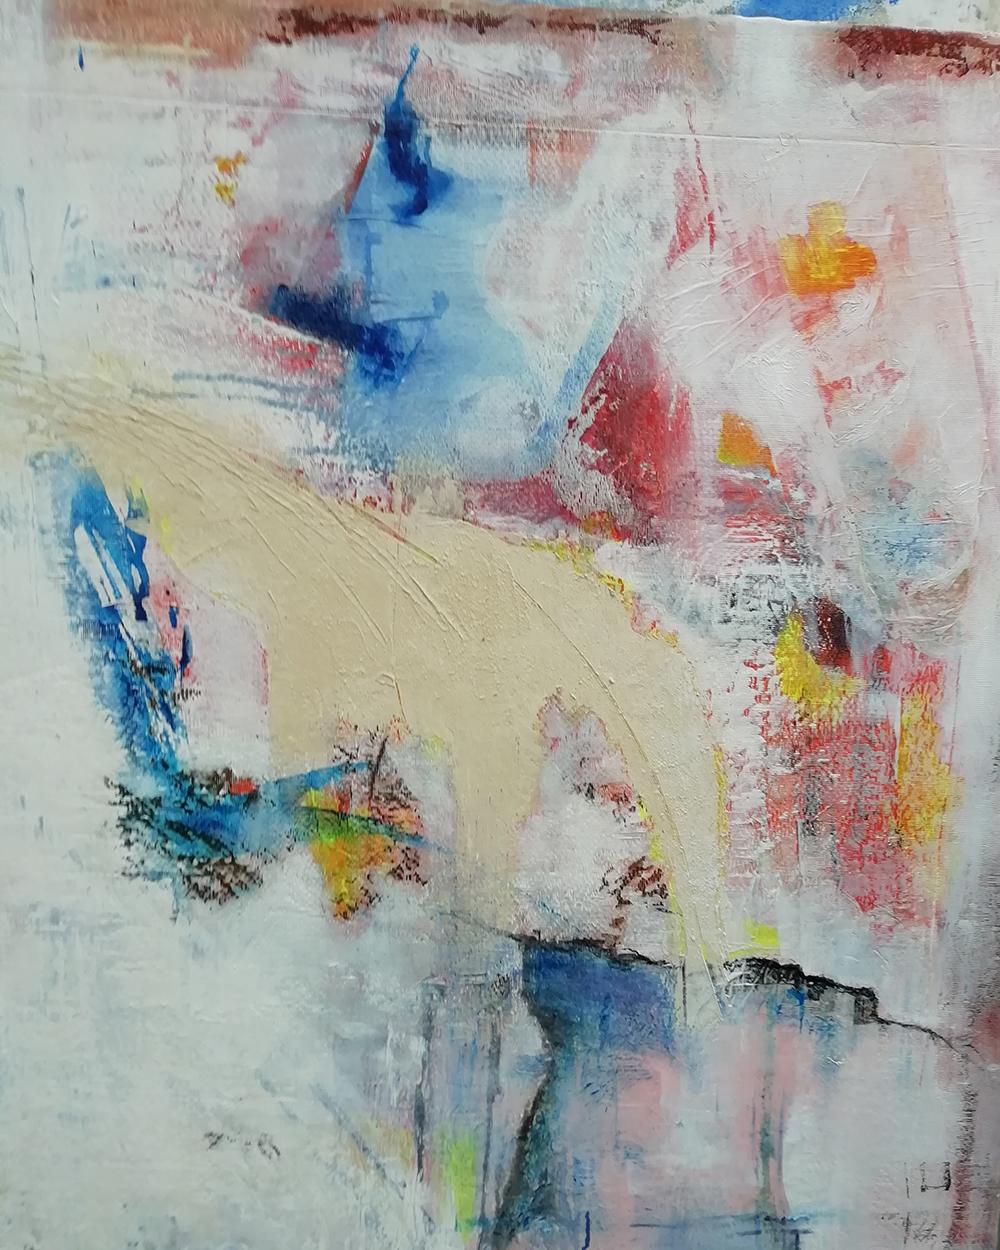 Tenue D Artiste Peintre artiste peintre plasticienne - cliousclat, drôme - evelyne